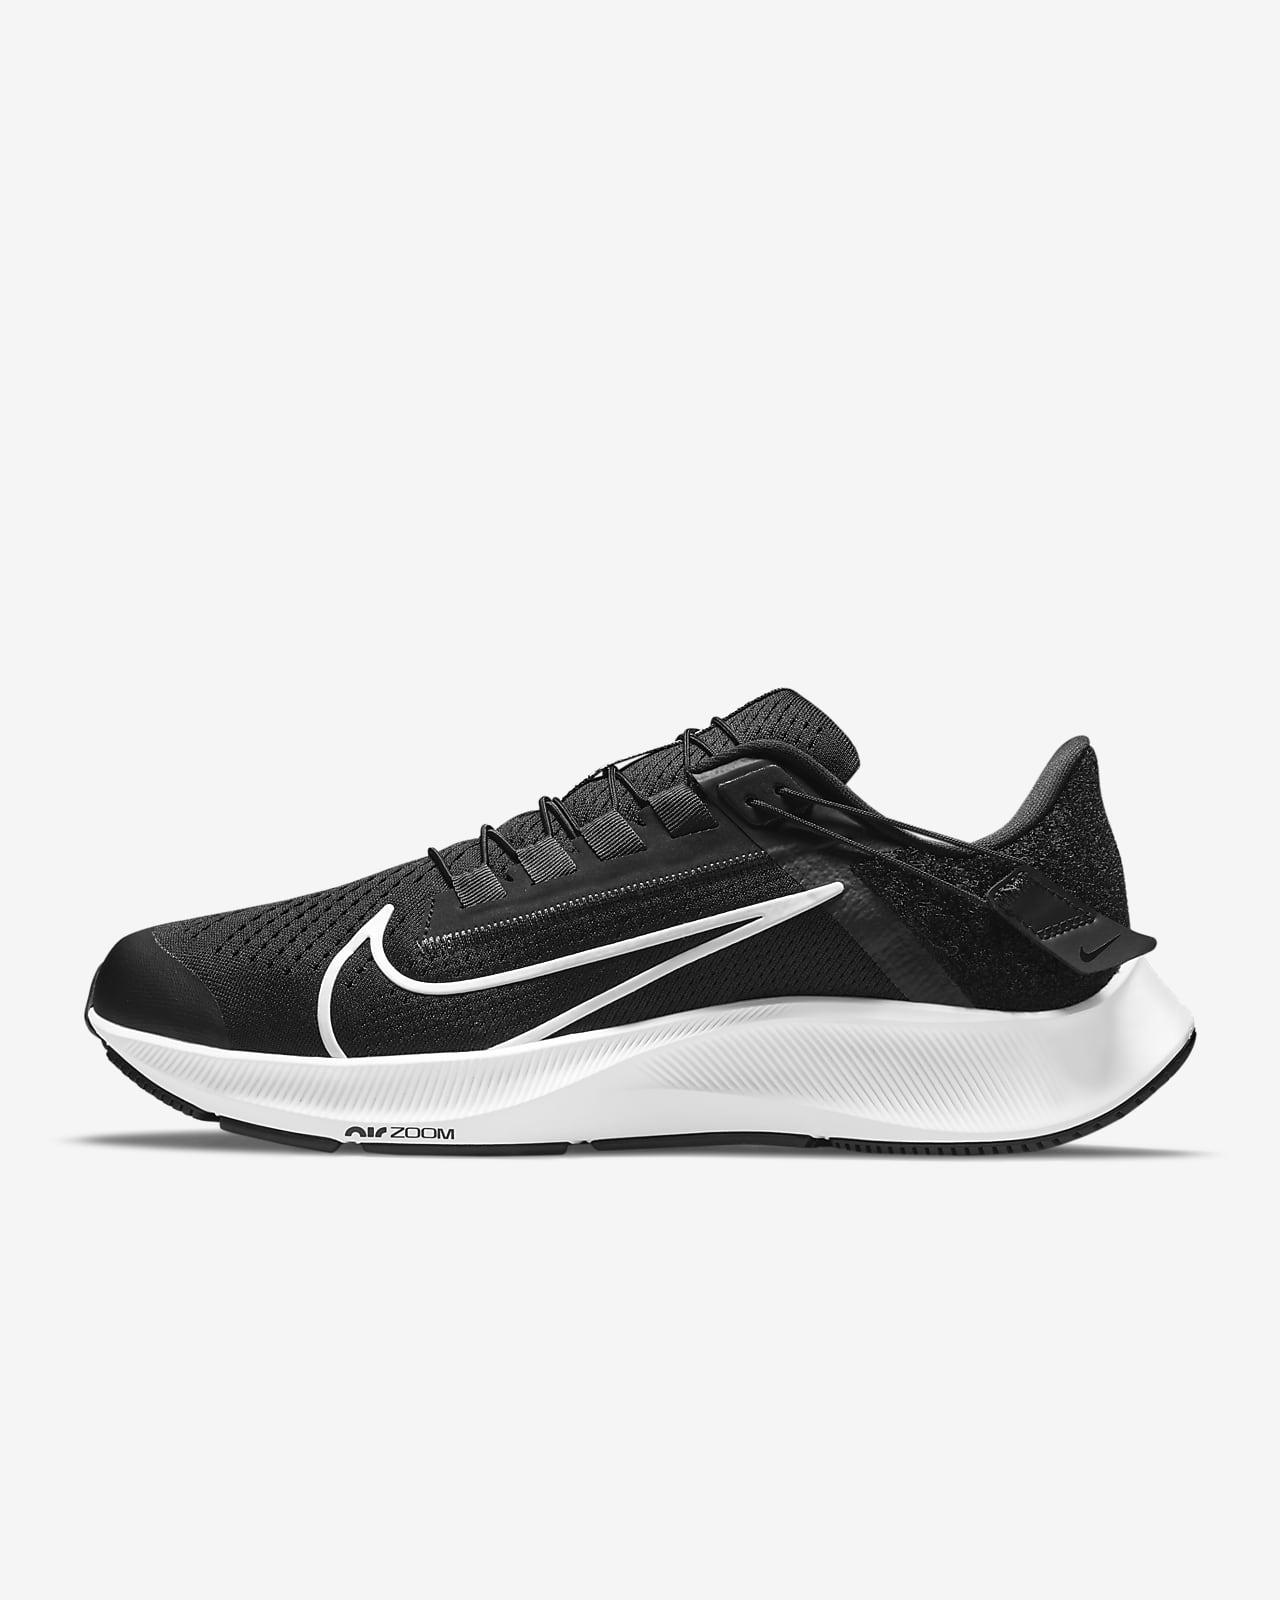 Ανδρικό παπούτσι για τρέξιμο Nike Air Zoom Pegasus 38 FlyEase